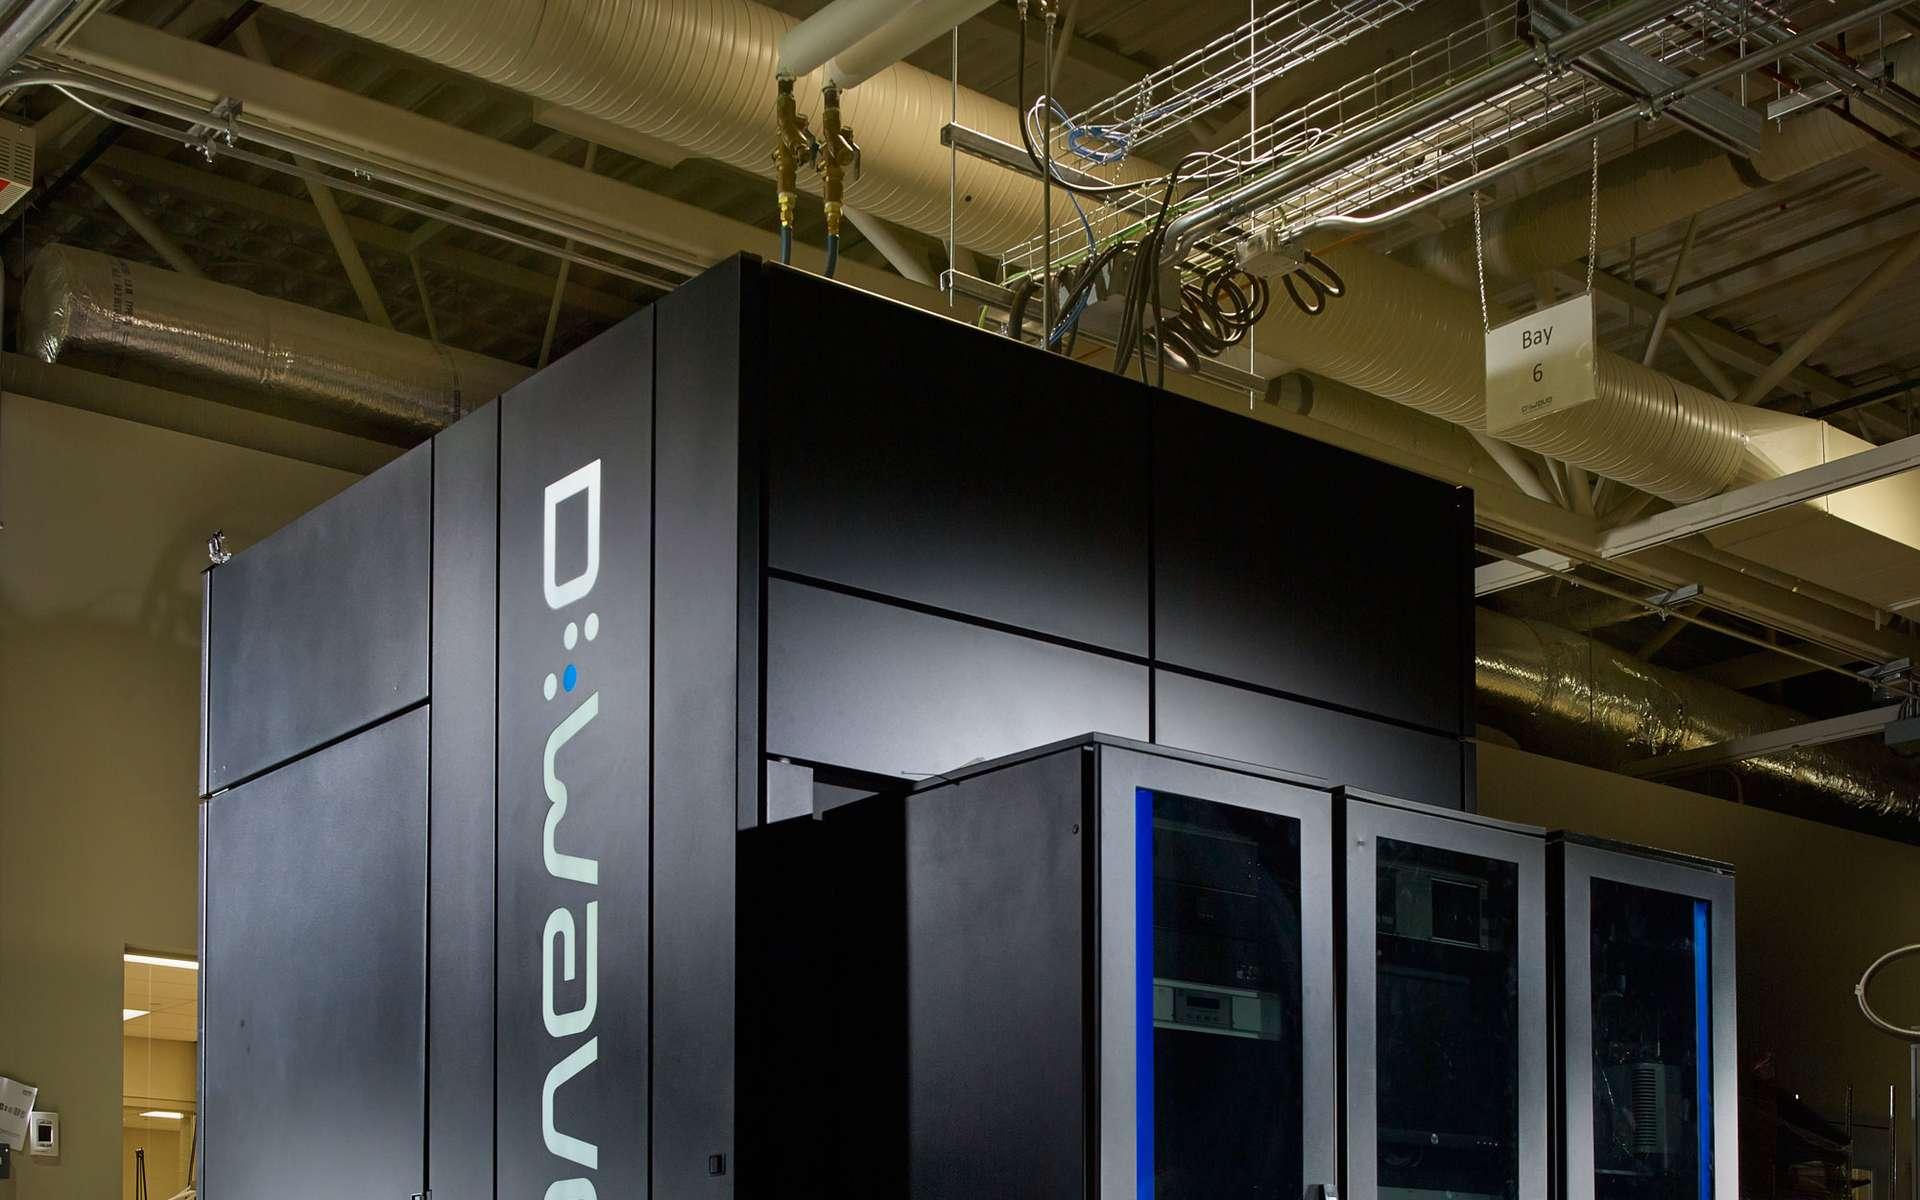 Le buzz du mois : Google est encore loin de l'ordinateur quantique miracle. D-Wave 2X, la machine construite par D-Wave Systems, semble être un authentique calculateur quantique mais elle n'est pas pour autant un ordinateur programmable. Ses performances, bien que spectaculaires, sont de plus limitées à certains problèmes mathématiques bien précis. © 2014 D-Wave Systems Inc